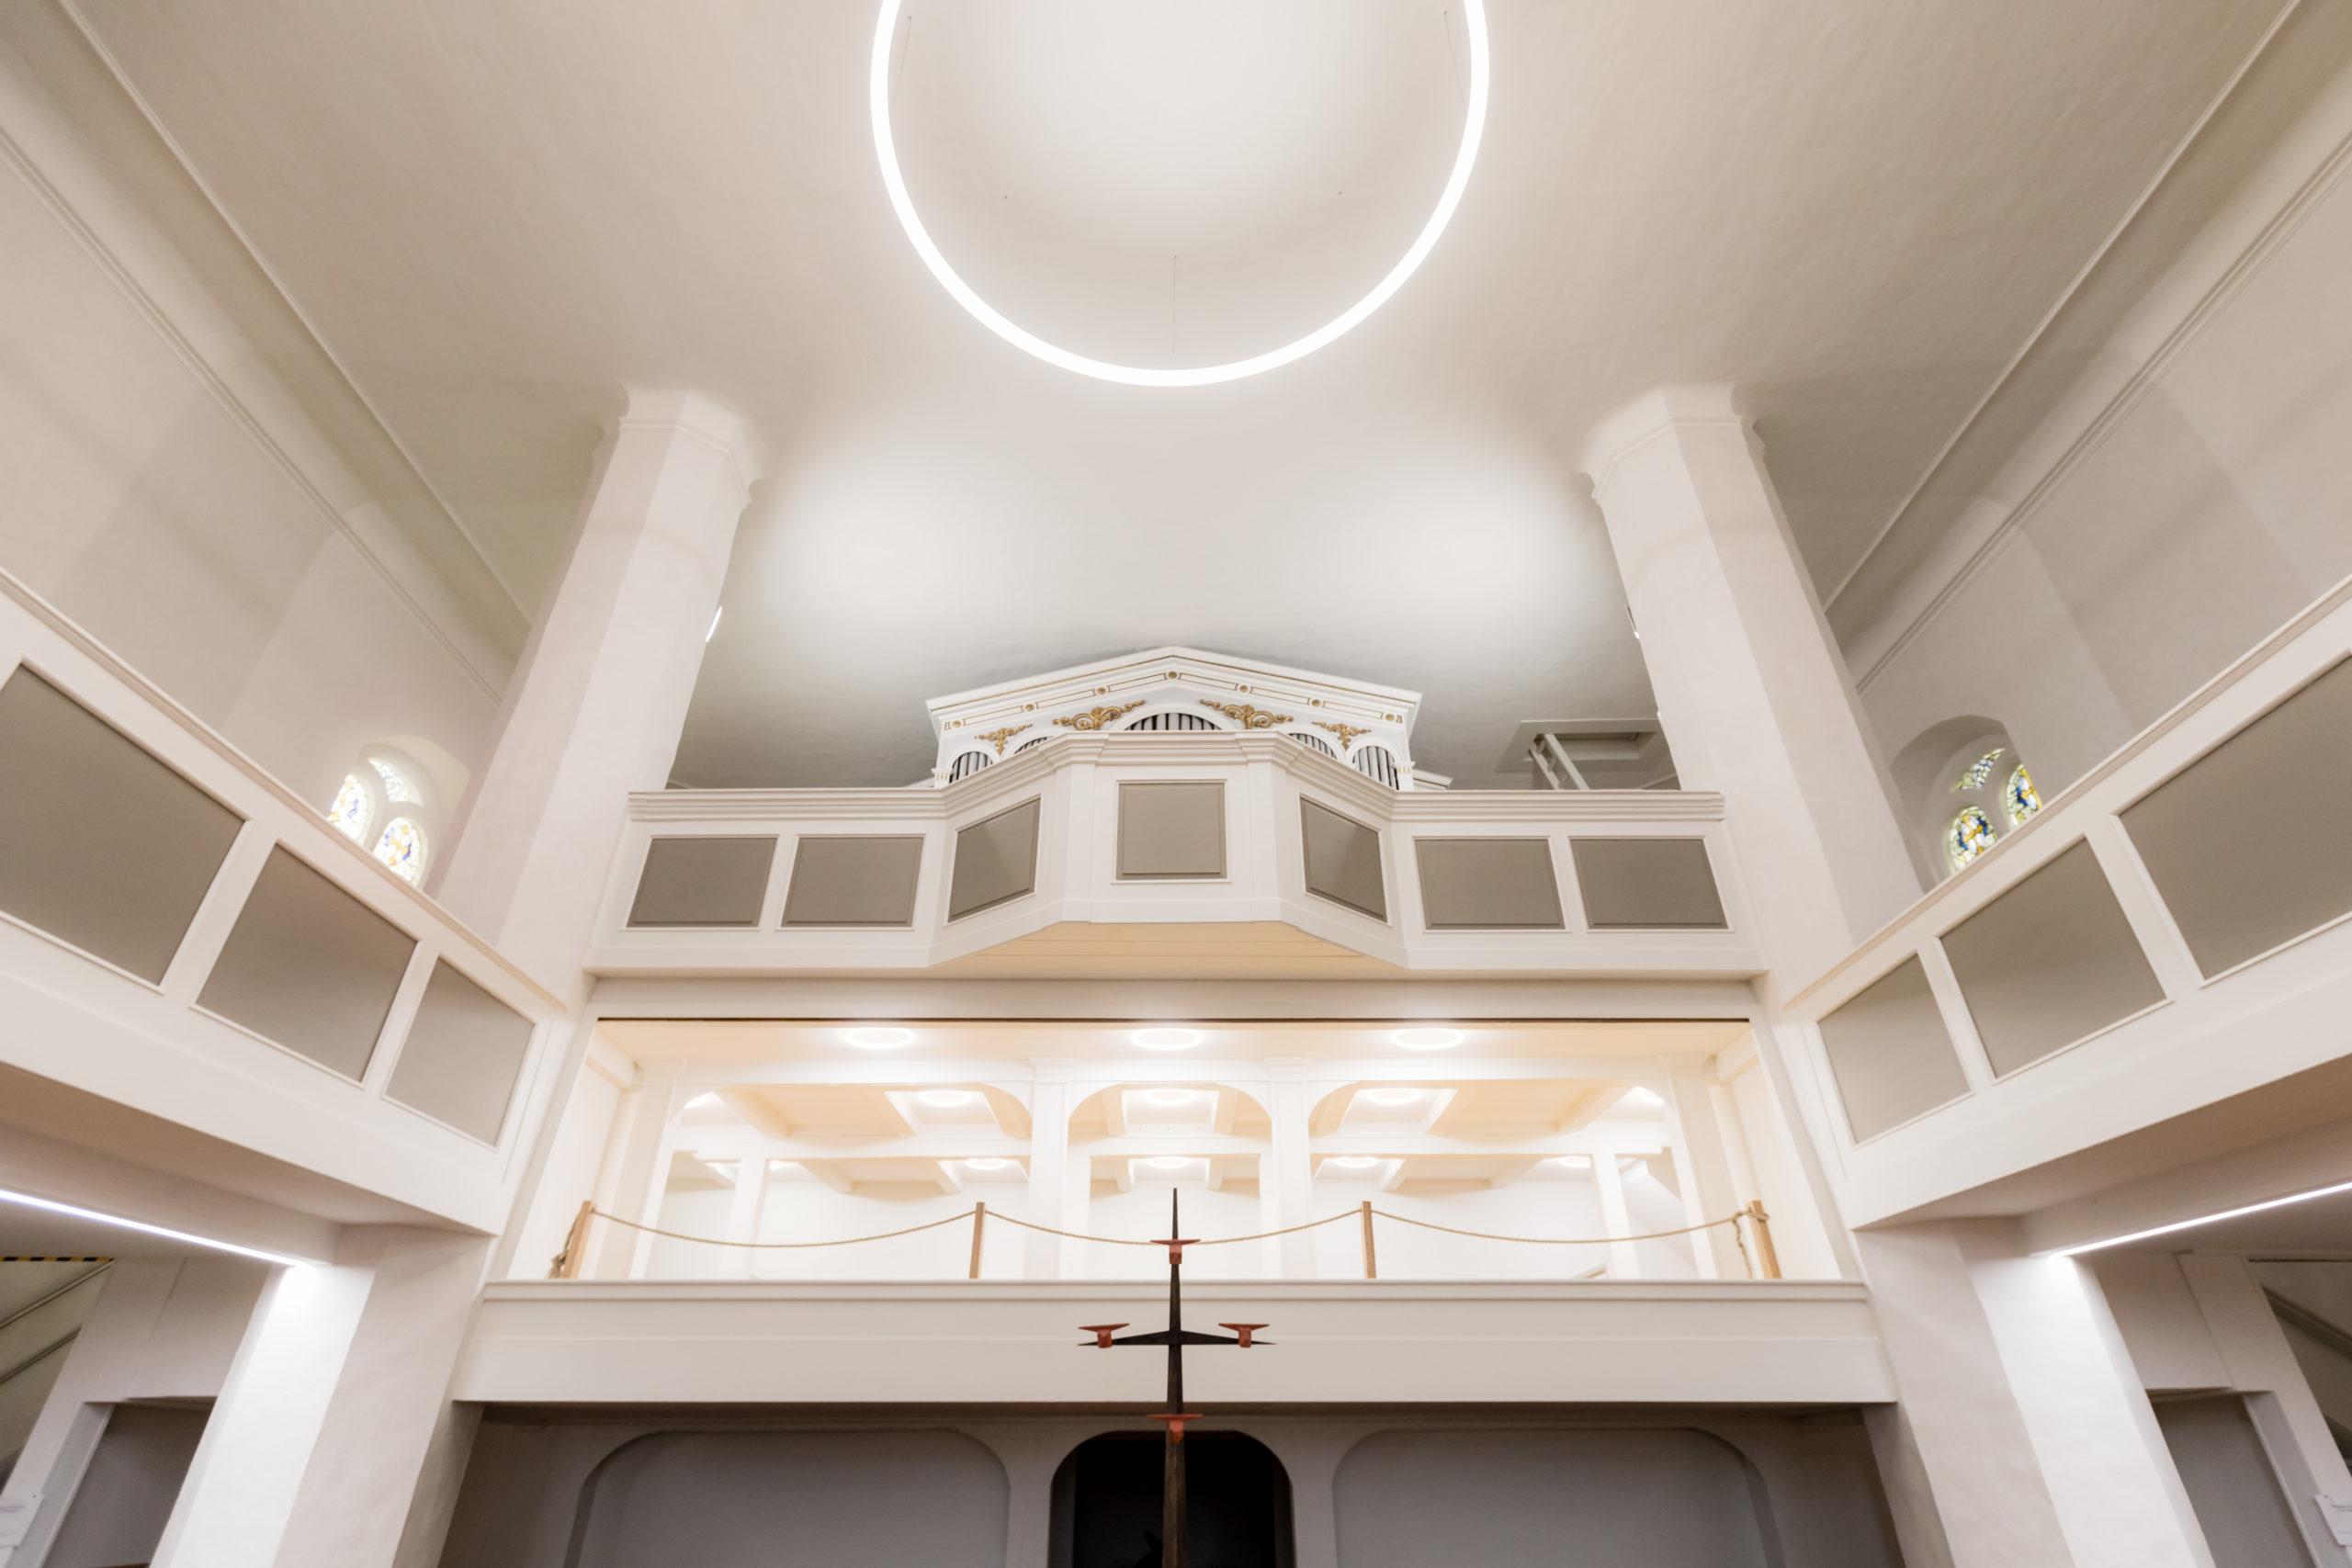 Kirchenbeleuchtung-mit-Led-Ringleuchten-und-Linienleuchten-scaled